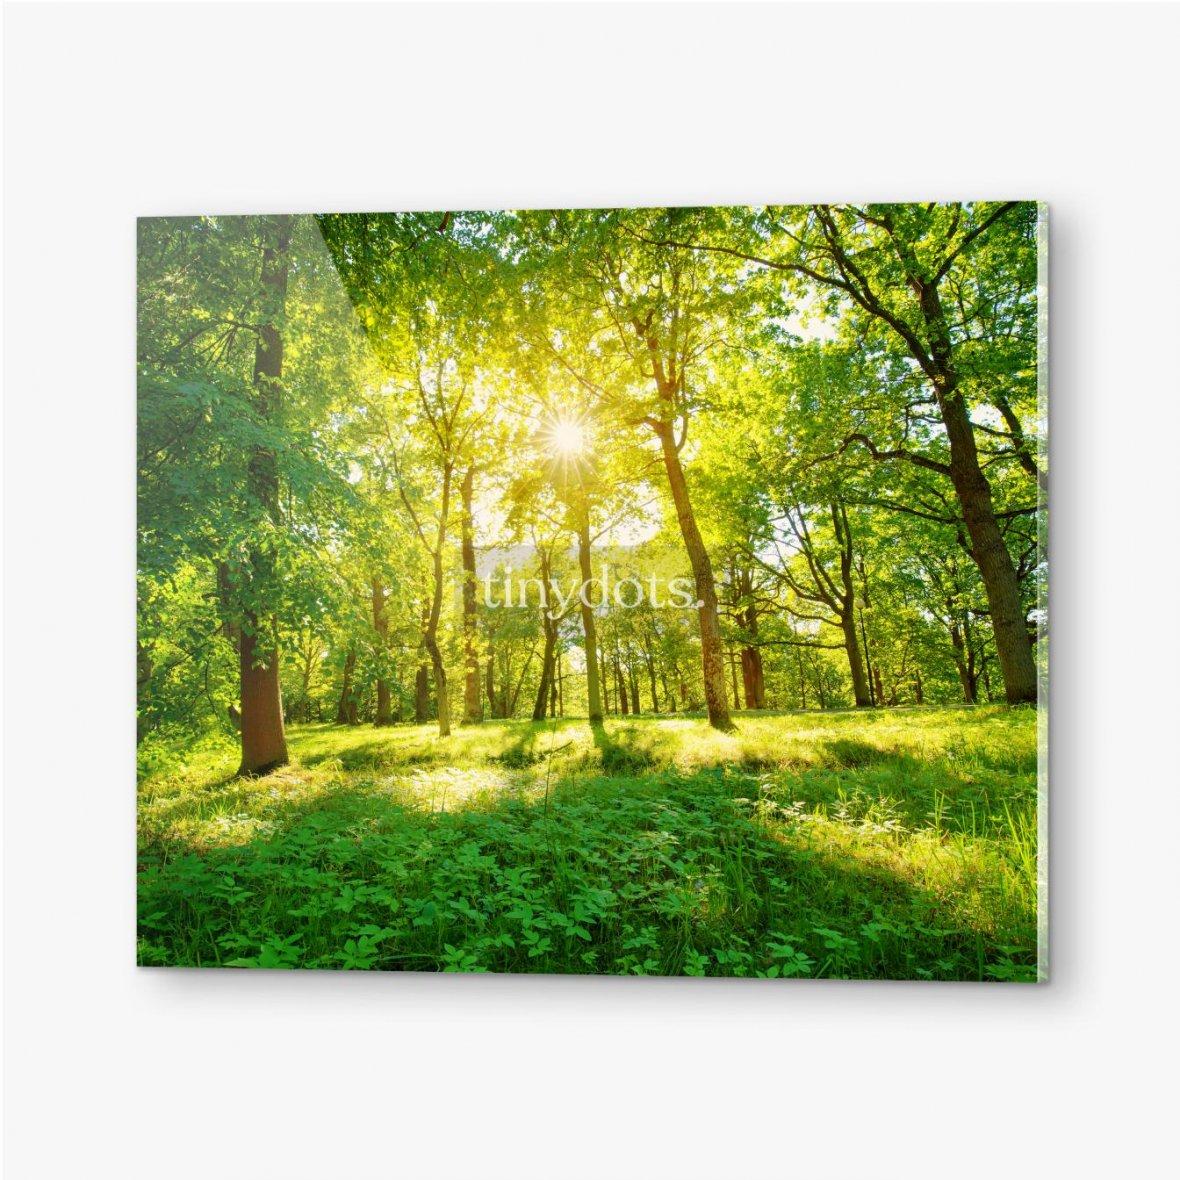 Bilder auf Acrylglas Altes Eichenlaub im Morgenlicht mit Sonnenlicht. Waldlandschaft.